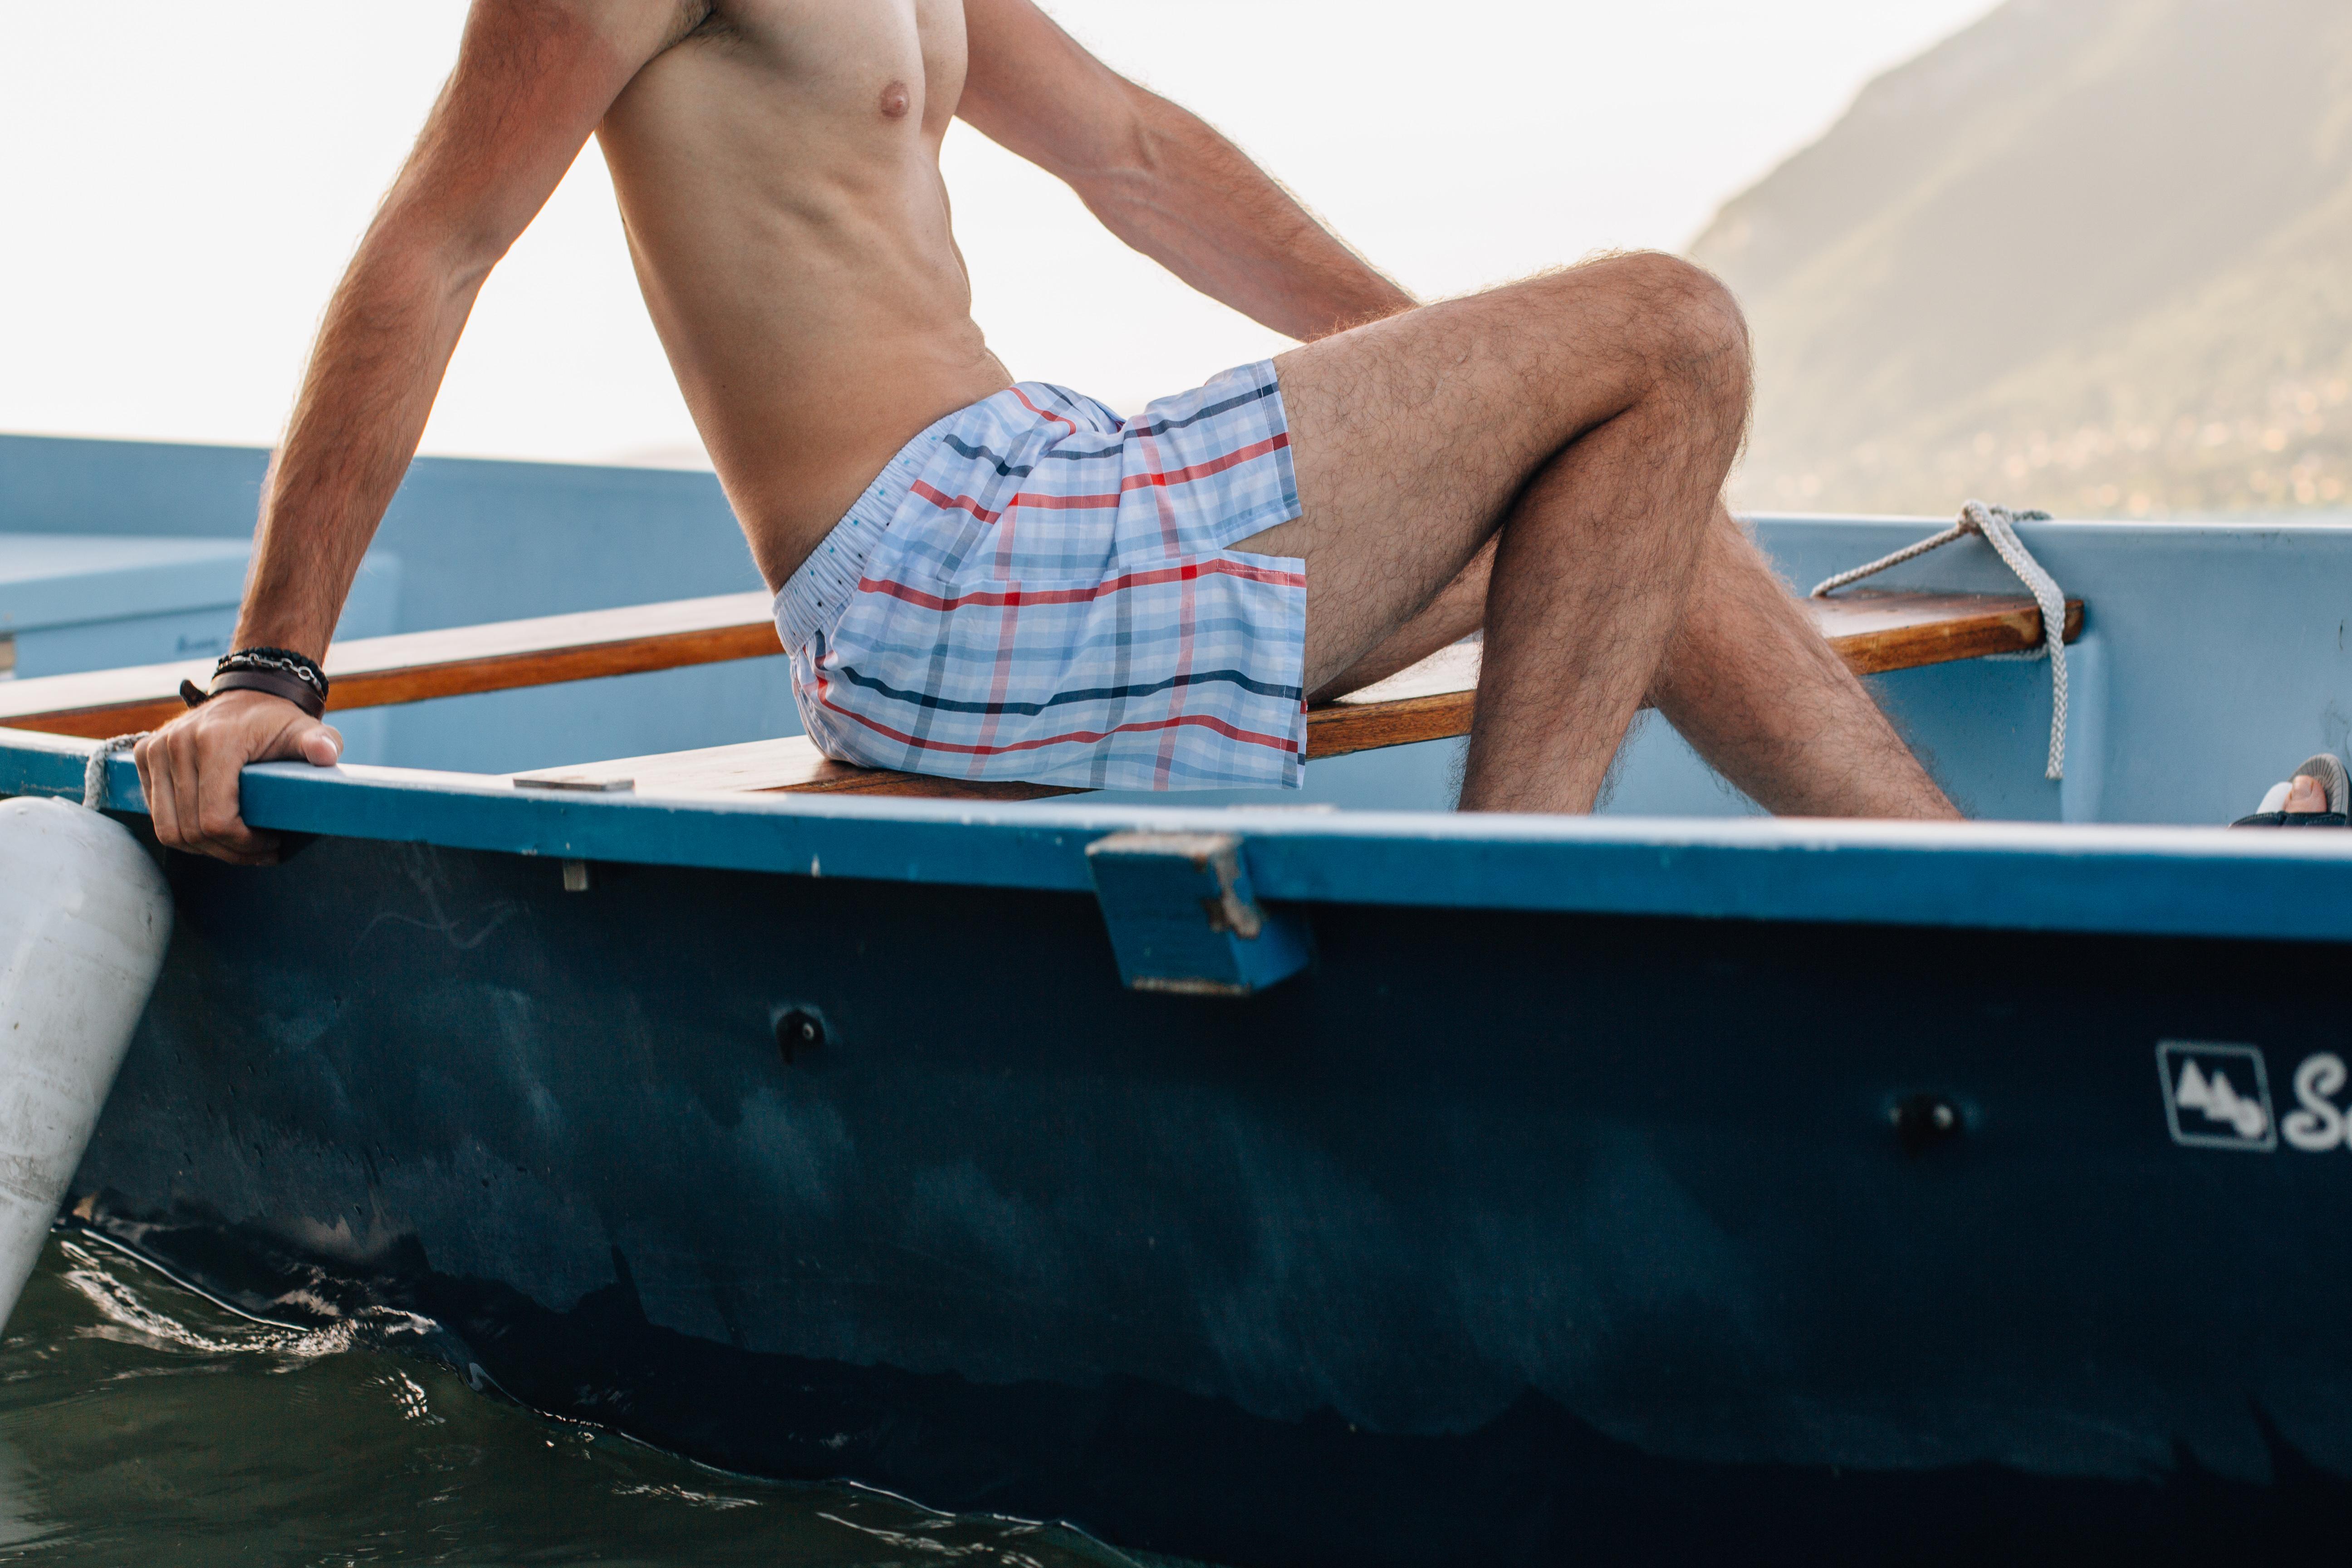 Arthur Underwear